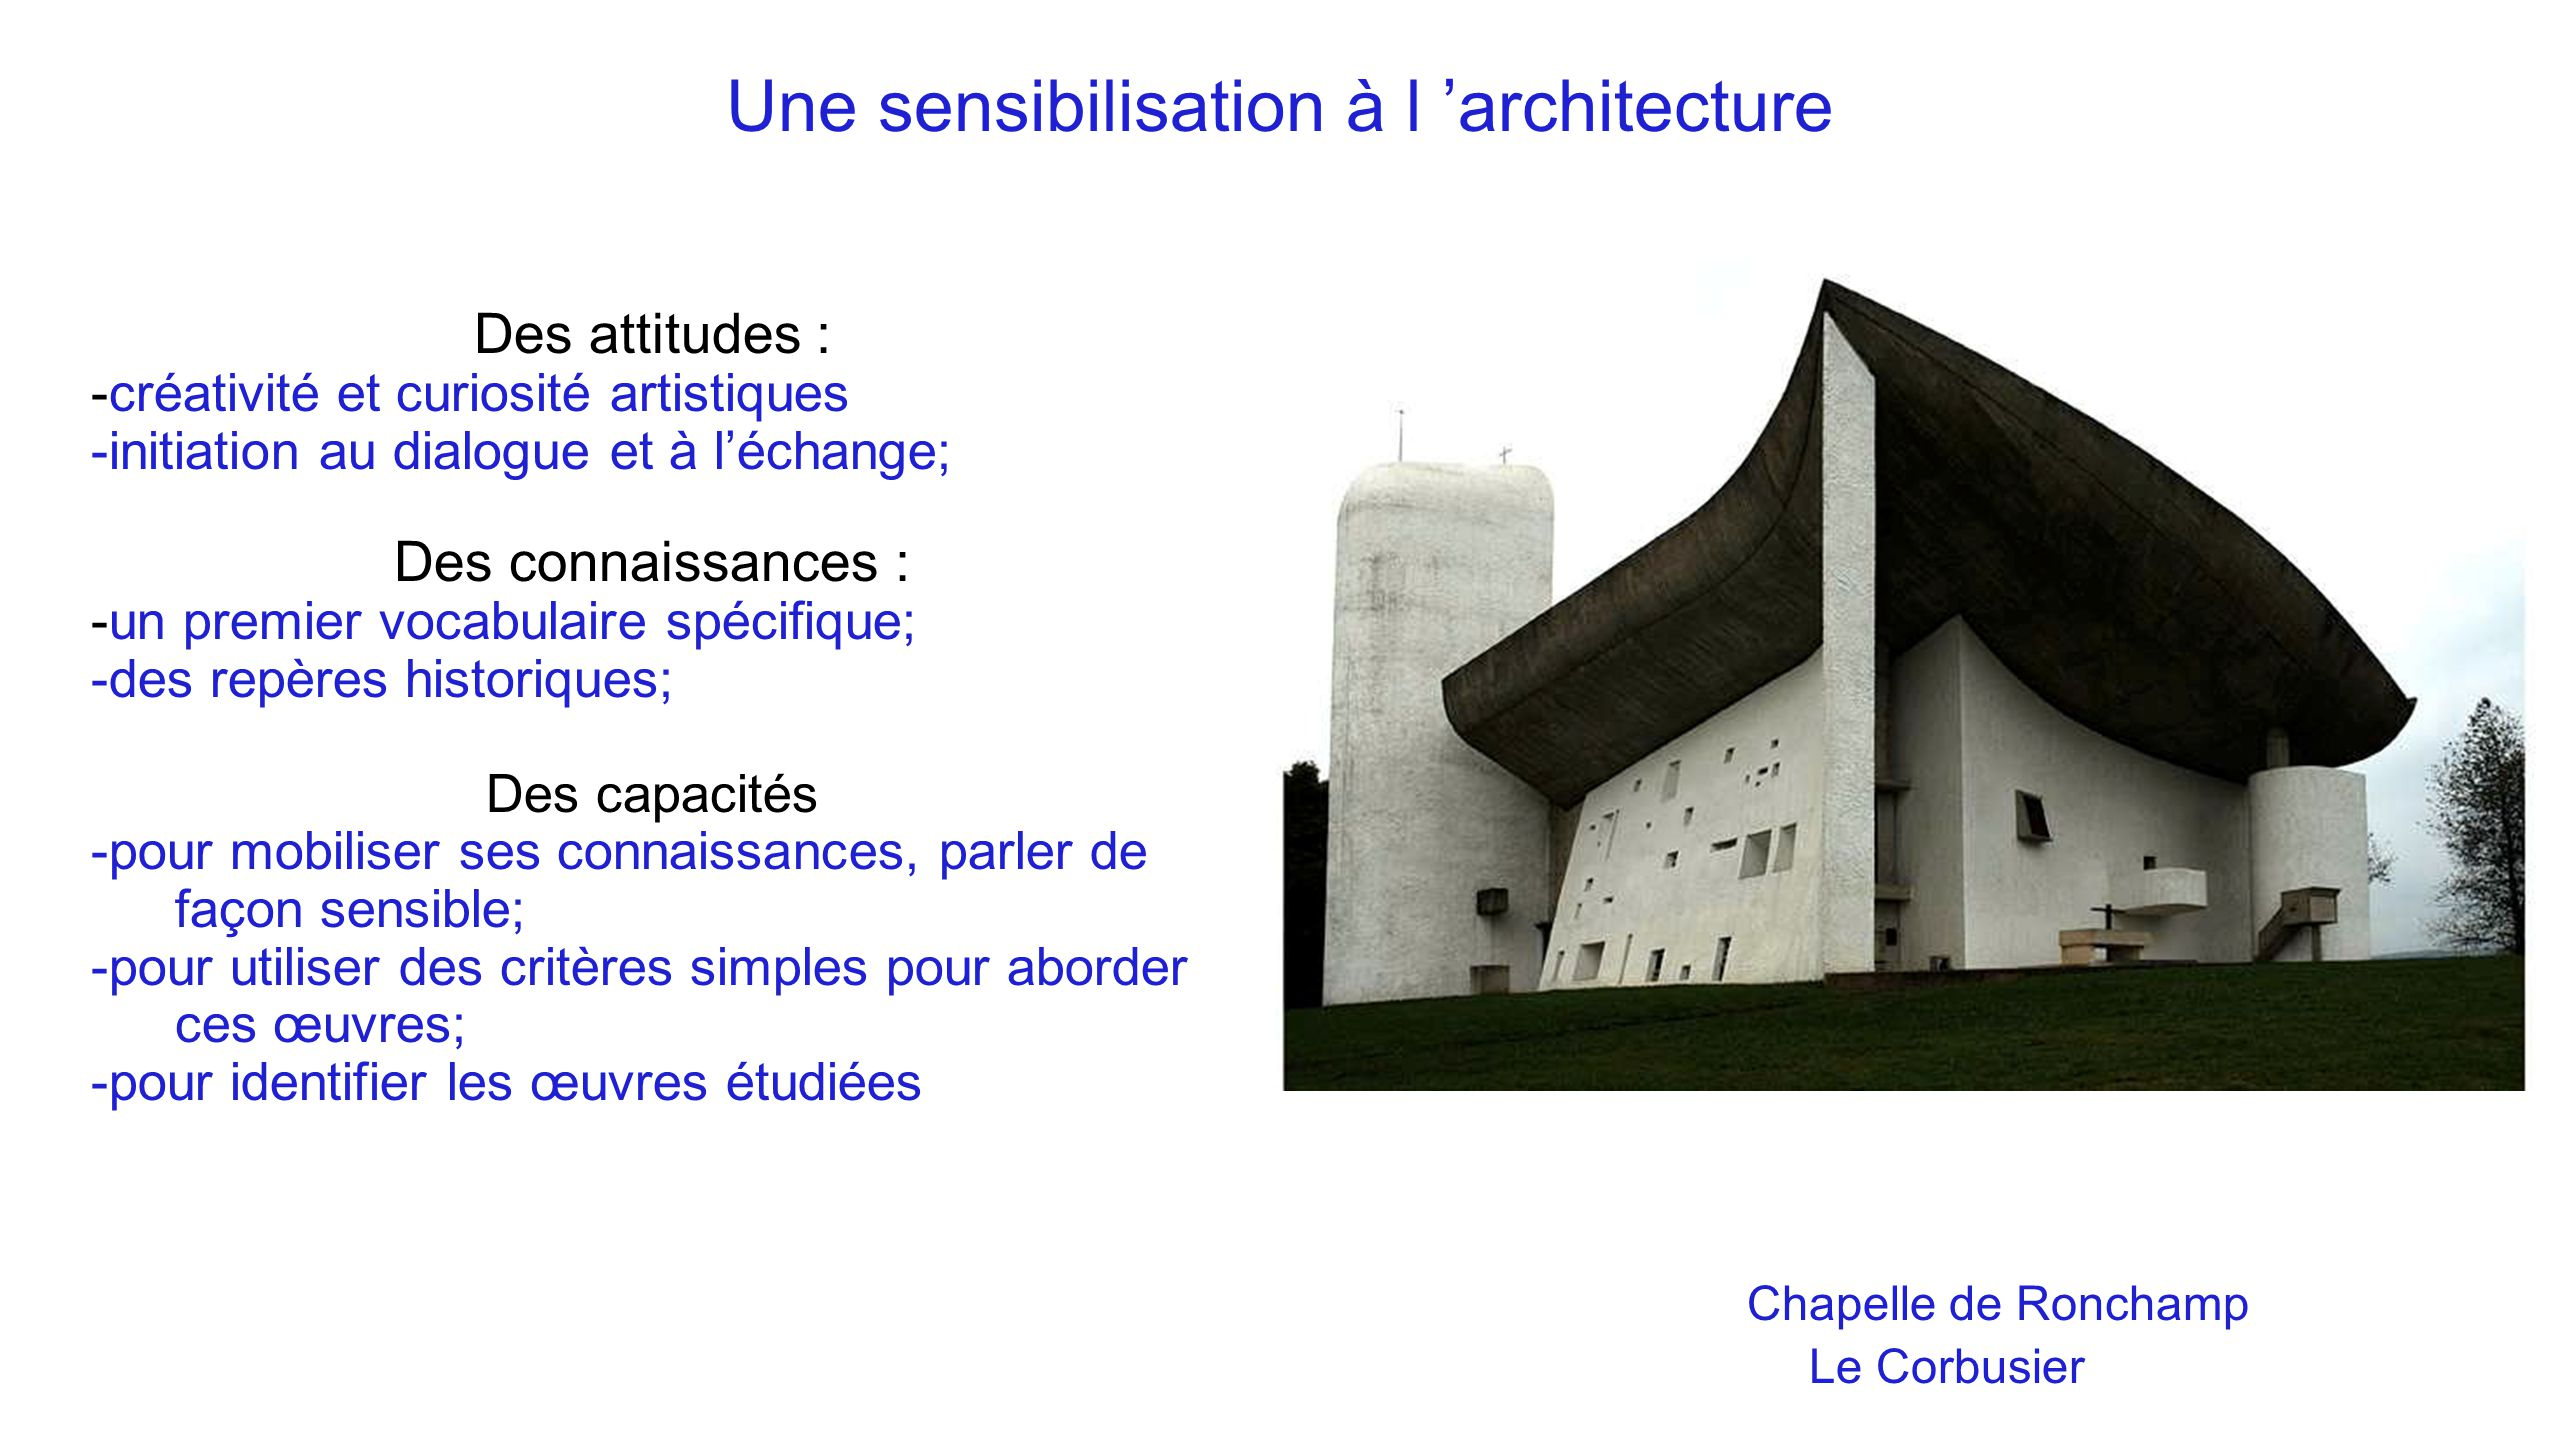 Une sensibilisation à l 'architecture Chapelle de Ronchamp Le Corbusier